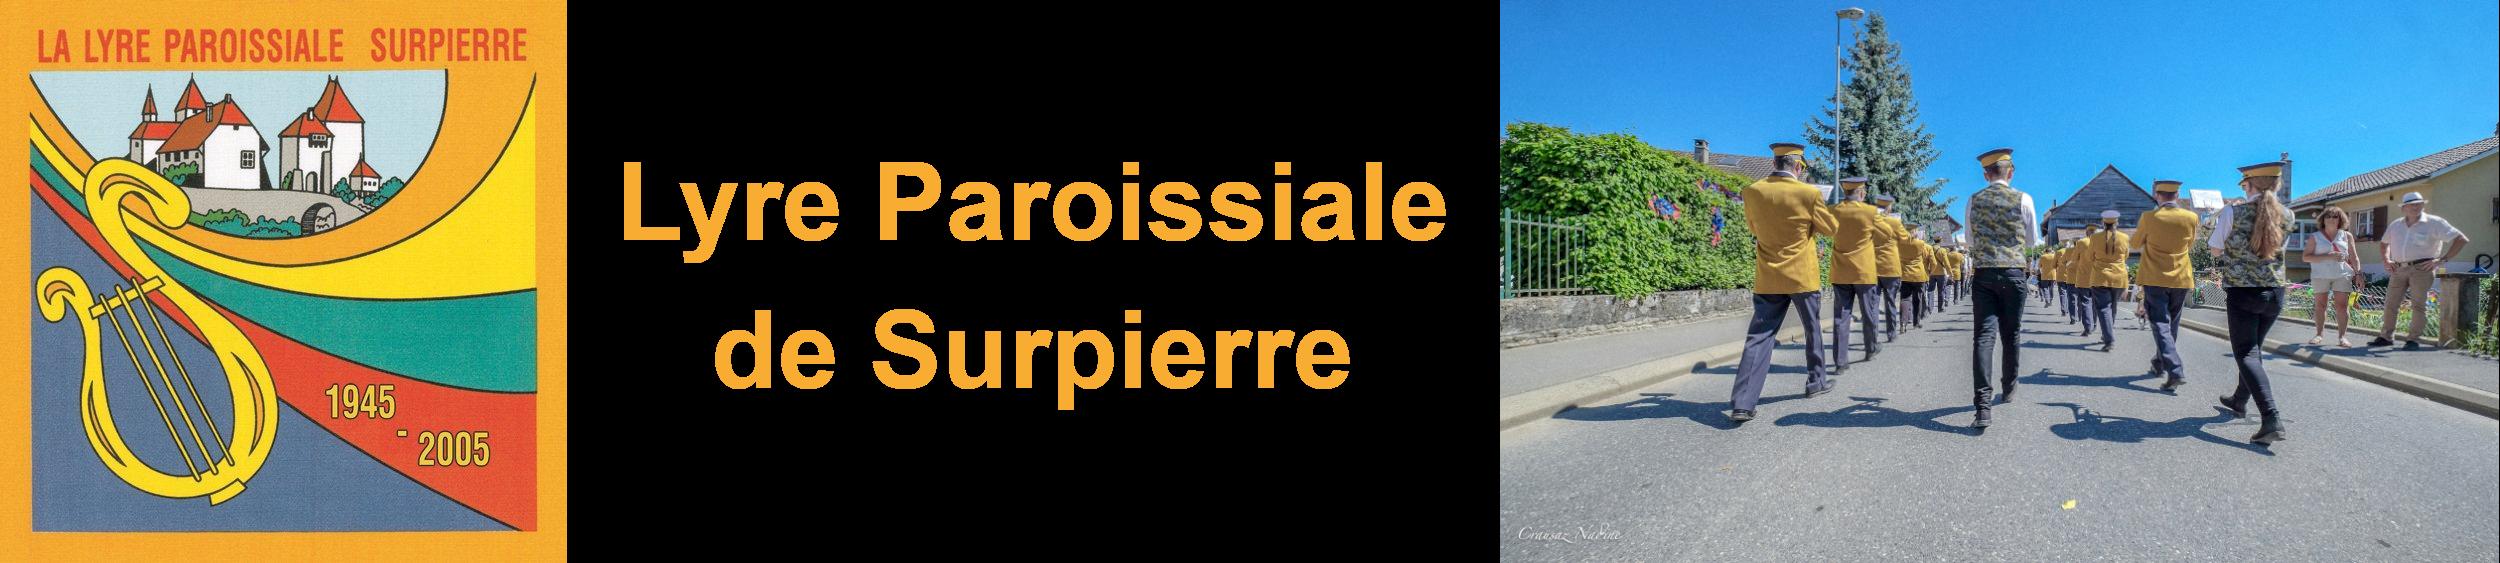 La Lyre Paroissiale de Surpierre